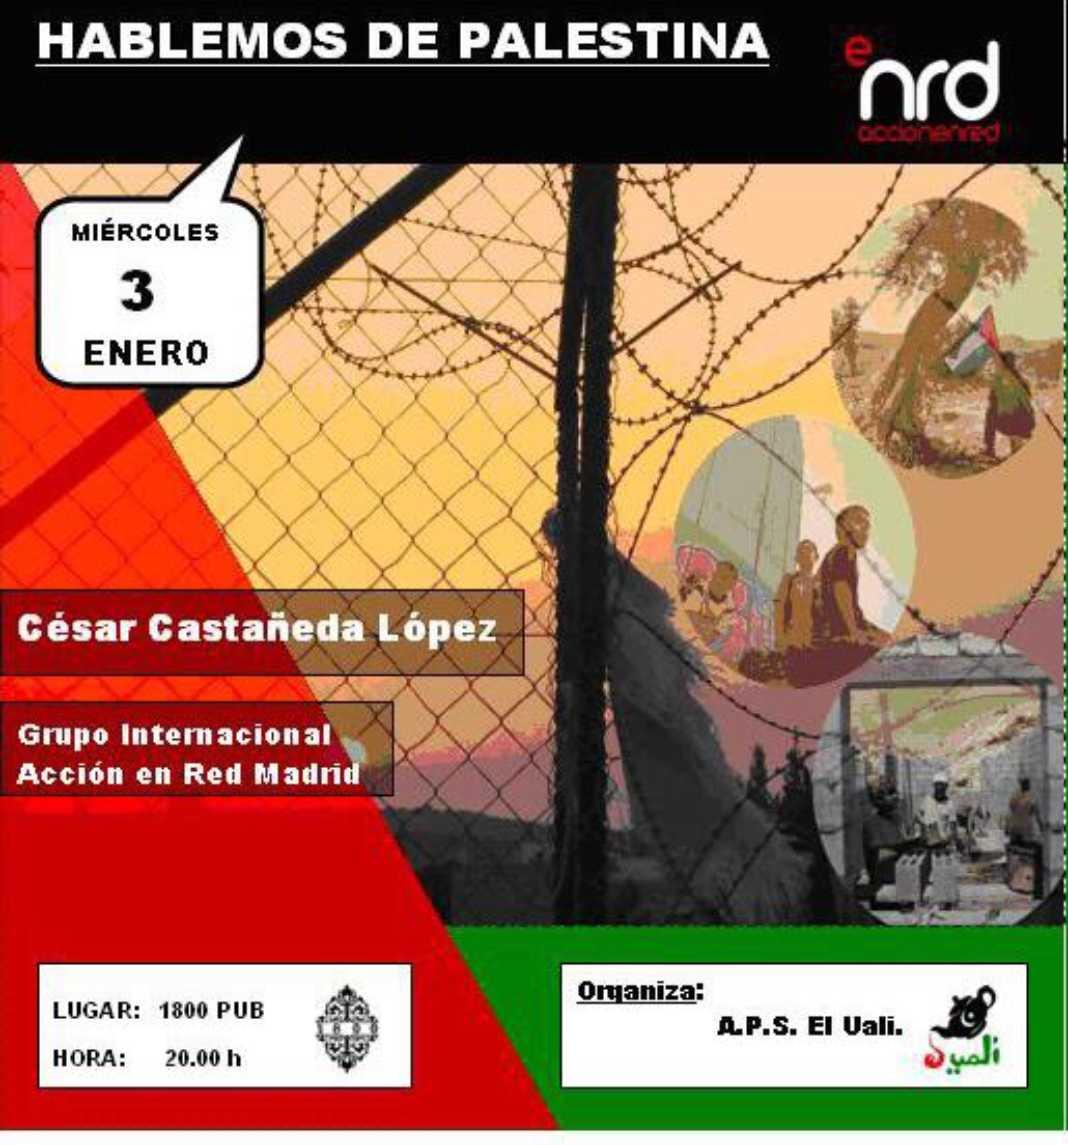 Encuentro para conocer la situación de Palestina 4